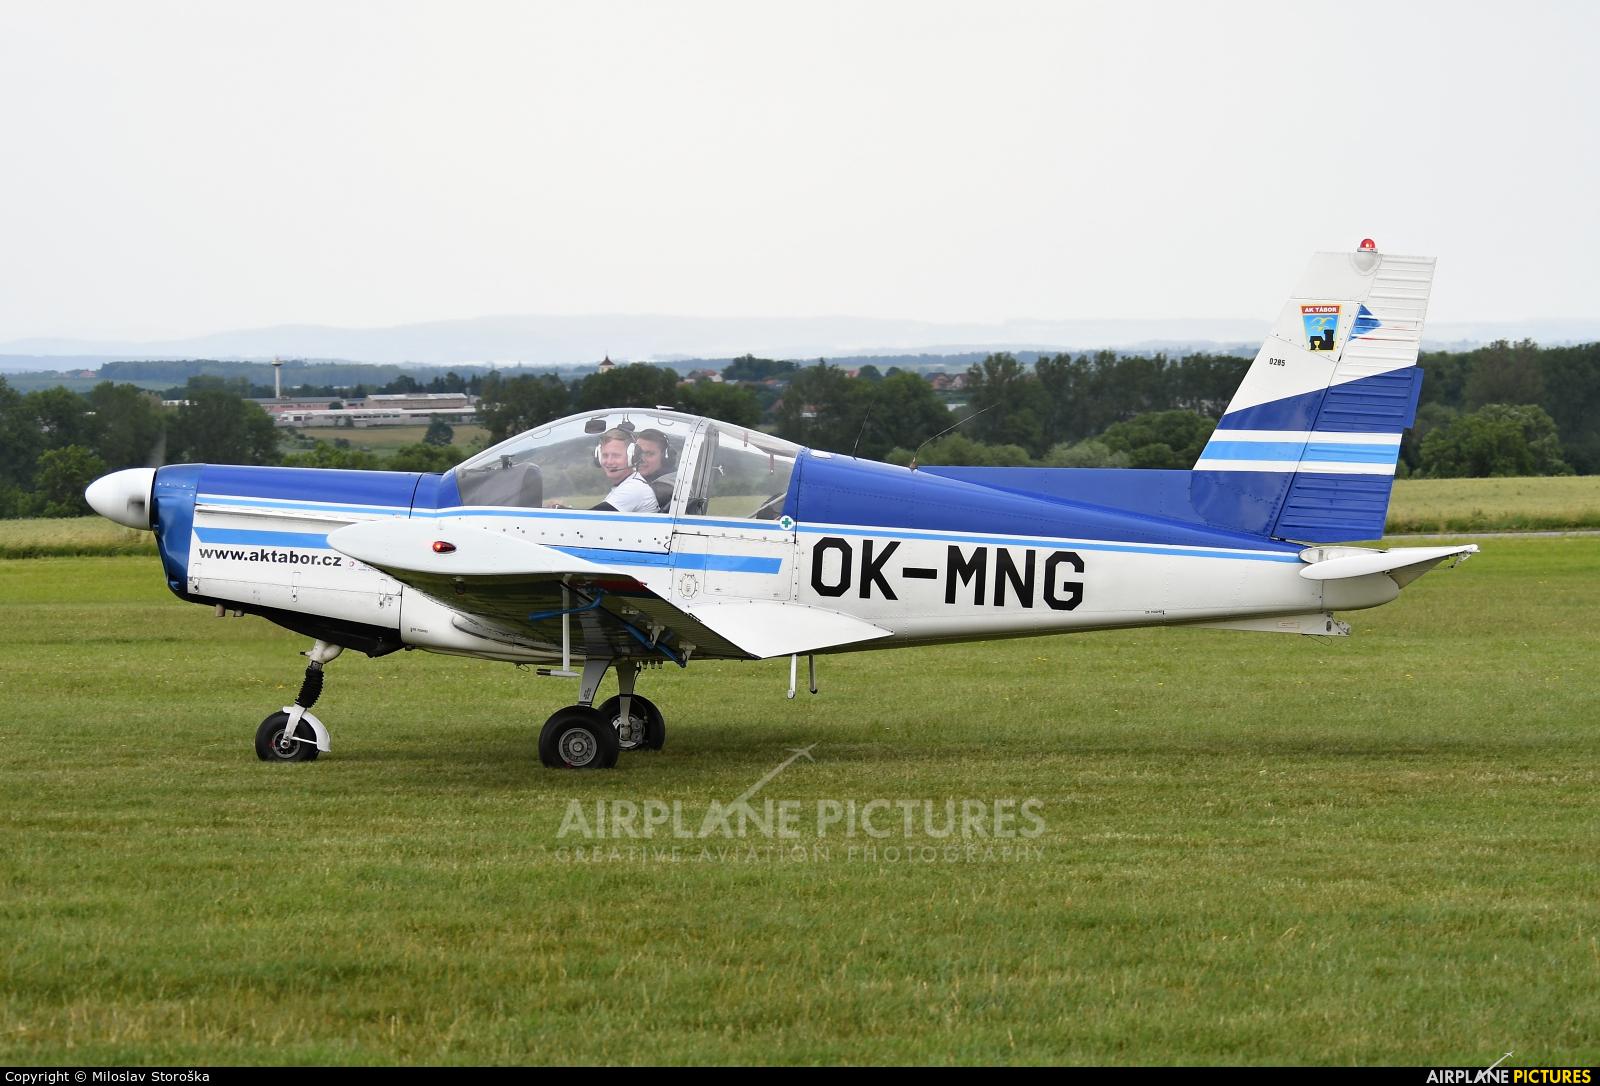 Aeroklub Tábor OK-MNG aircraft at Jaroměř - Josefov